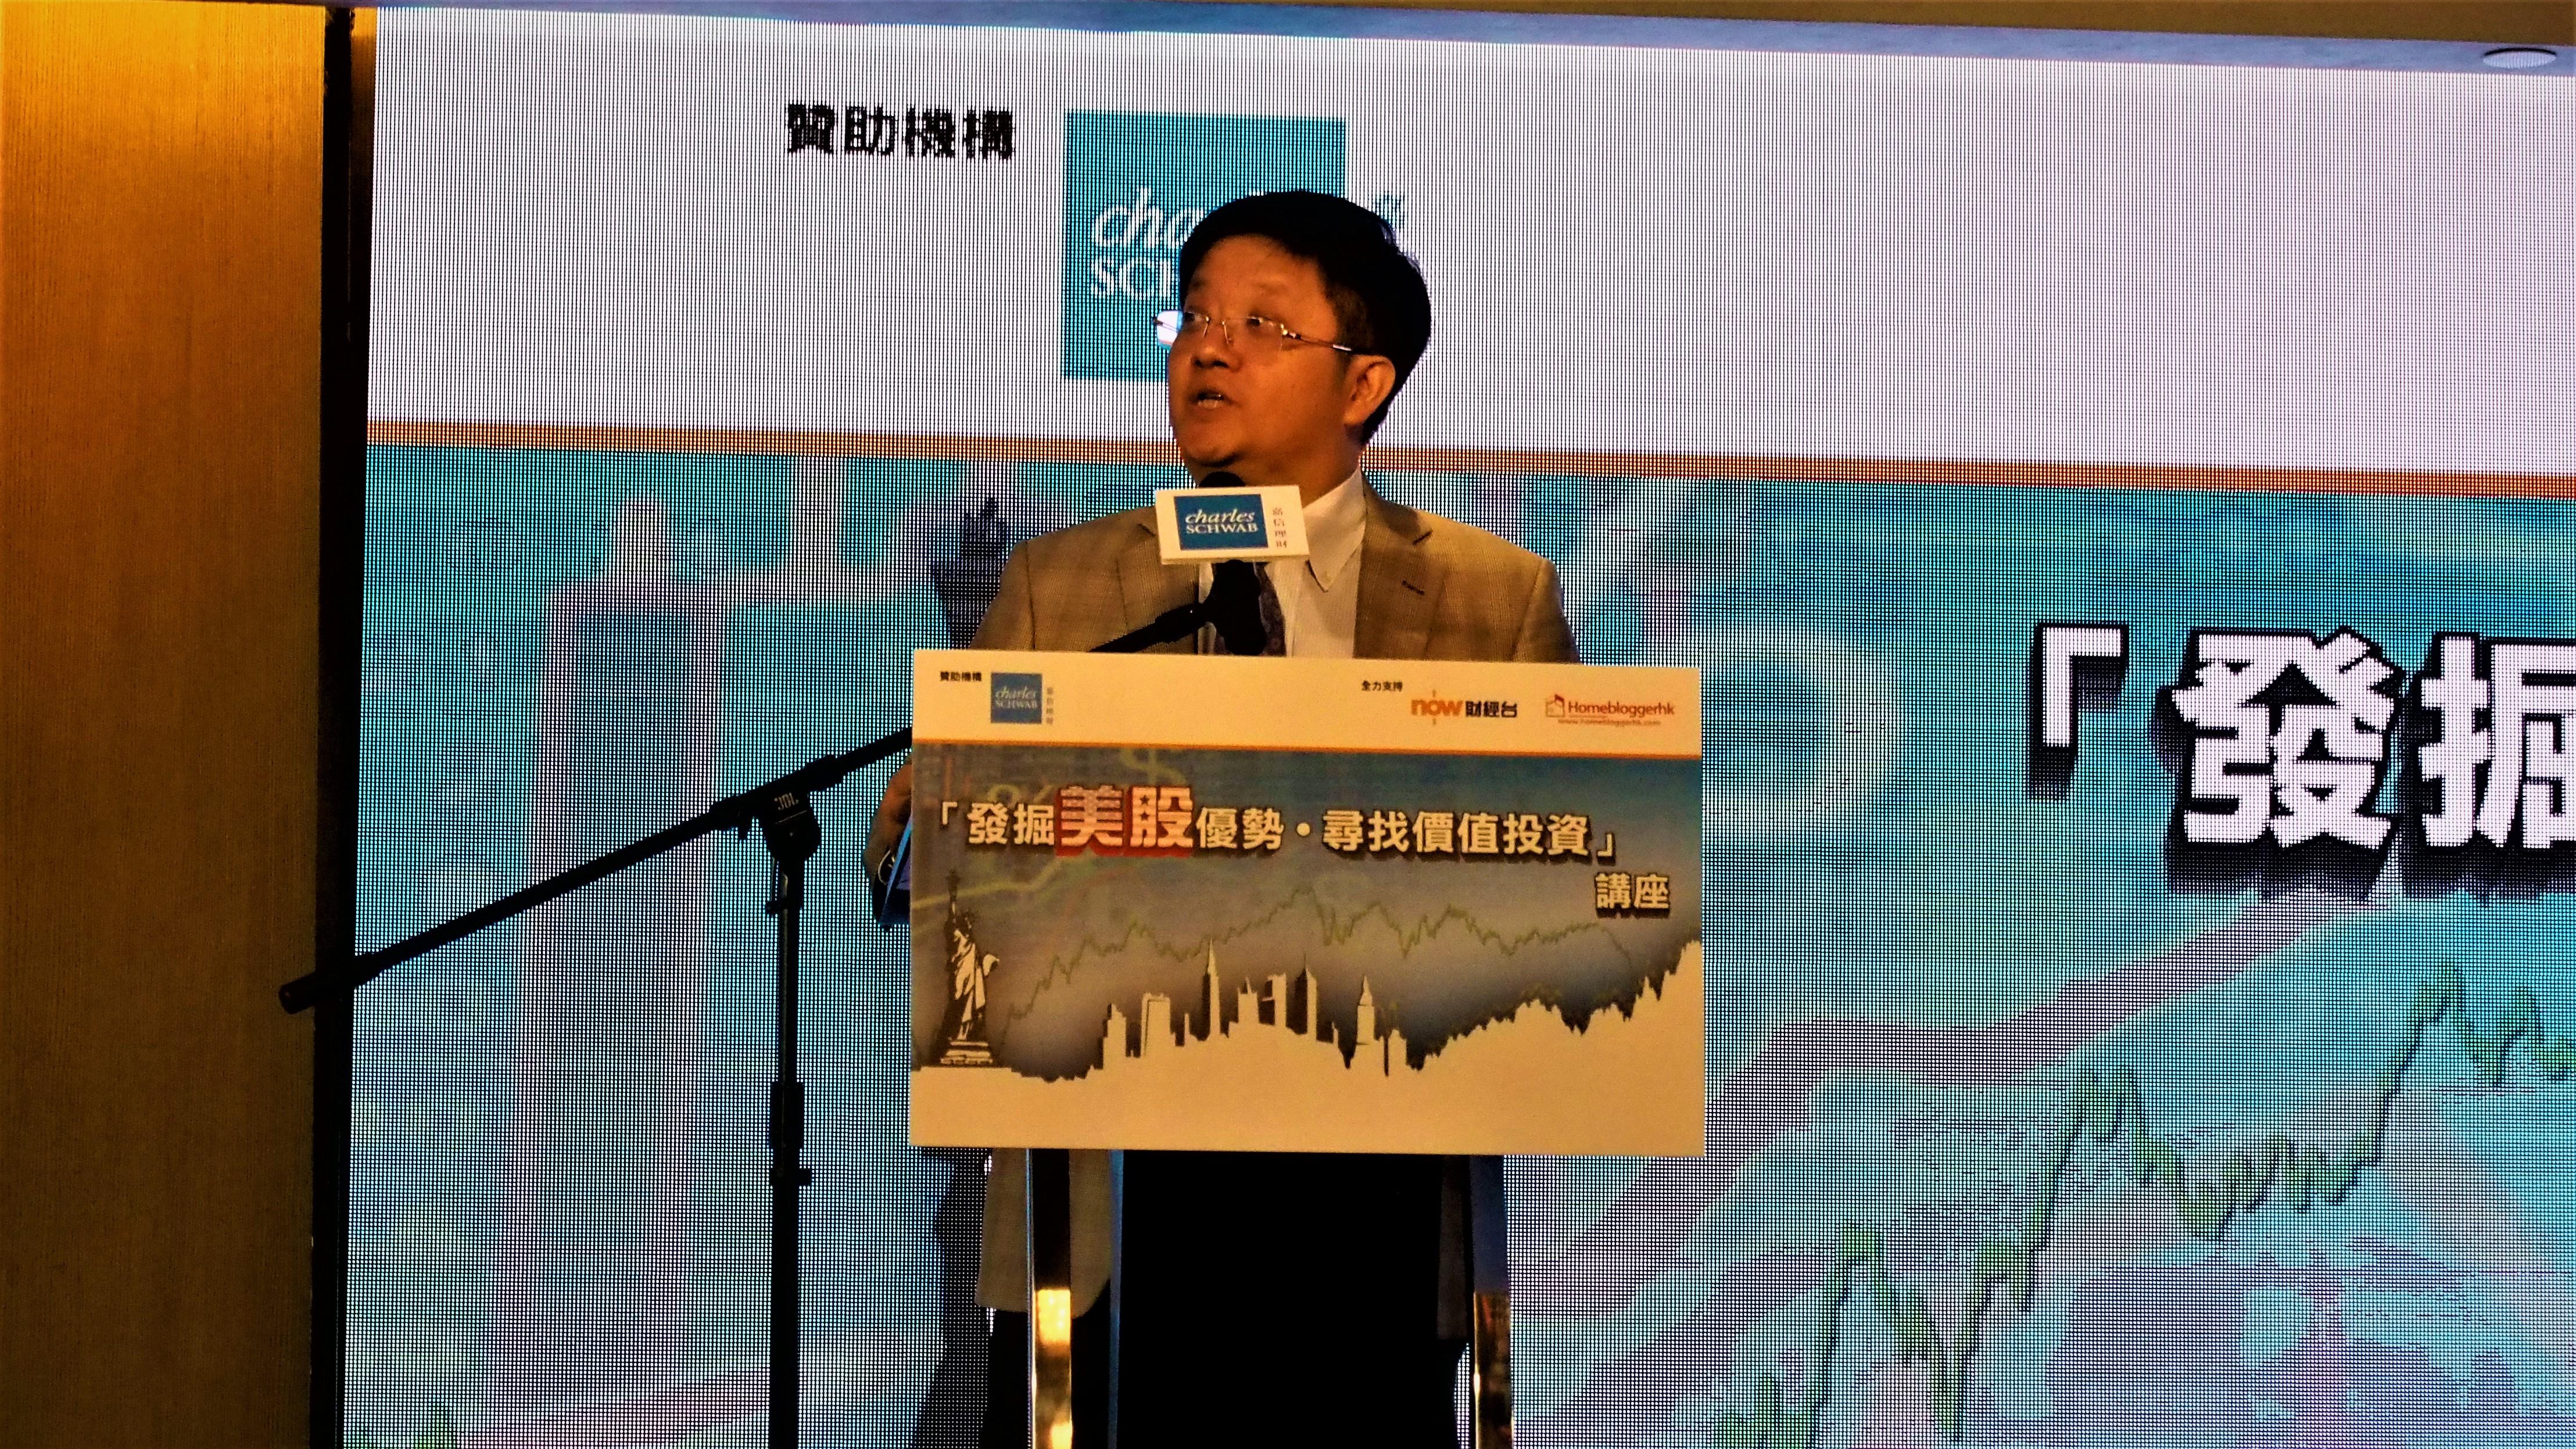 investment seminar organized by Charles Schwarz